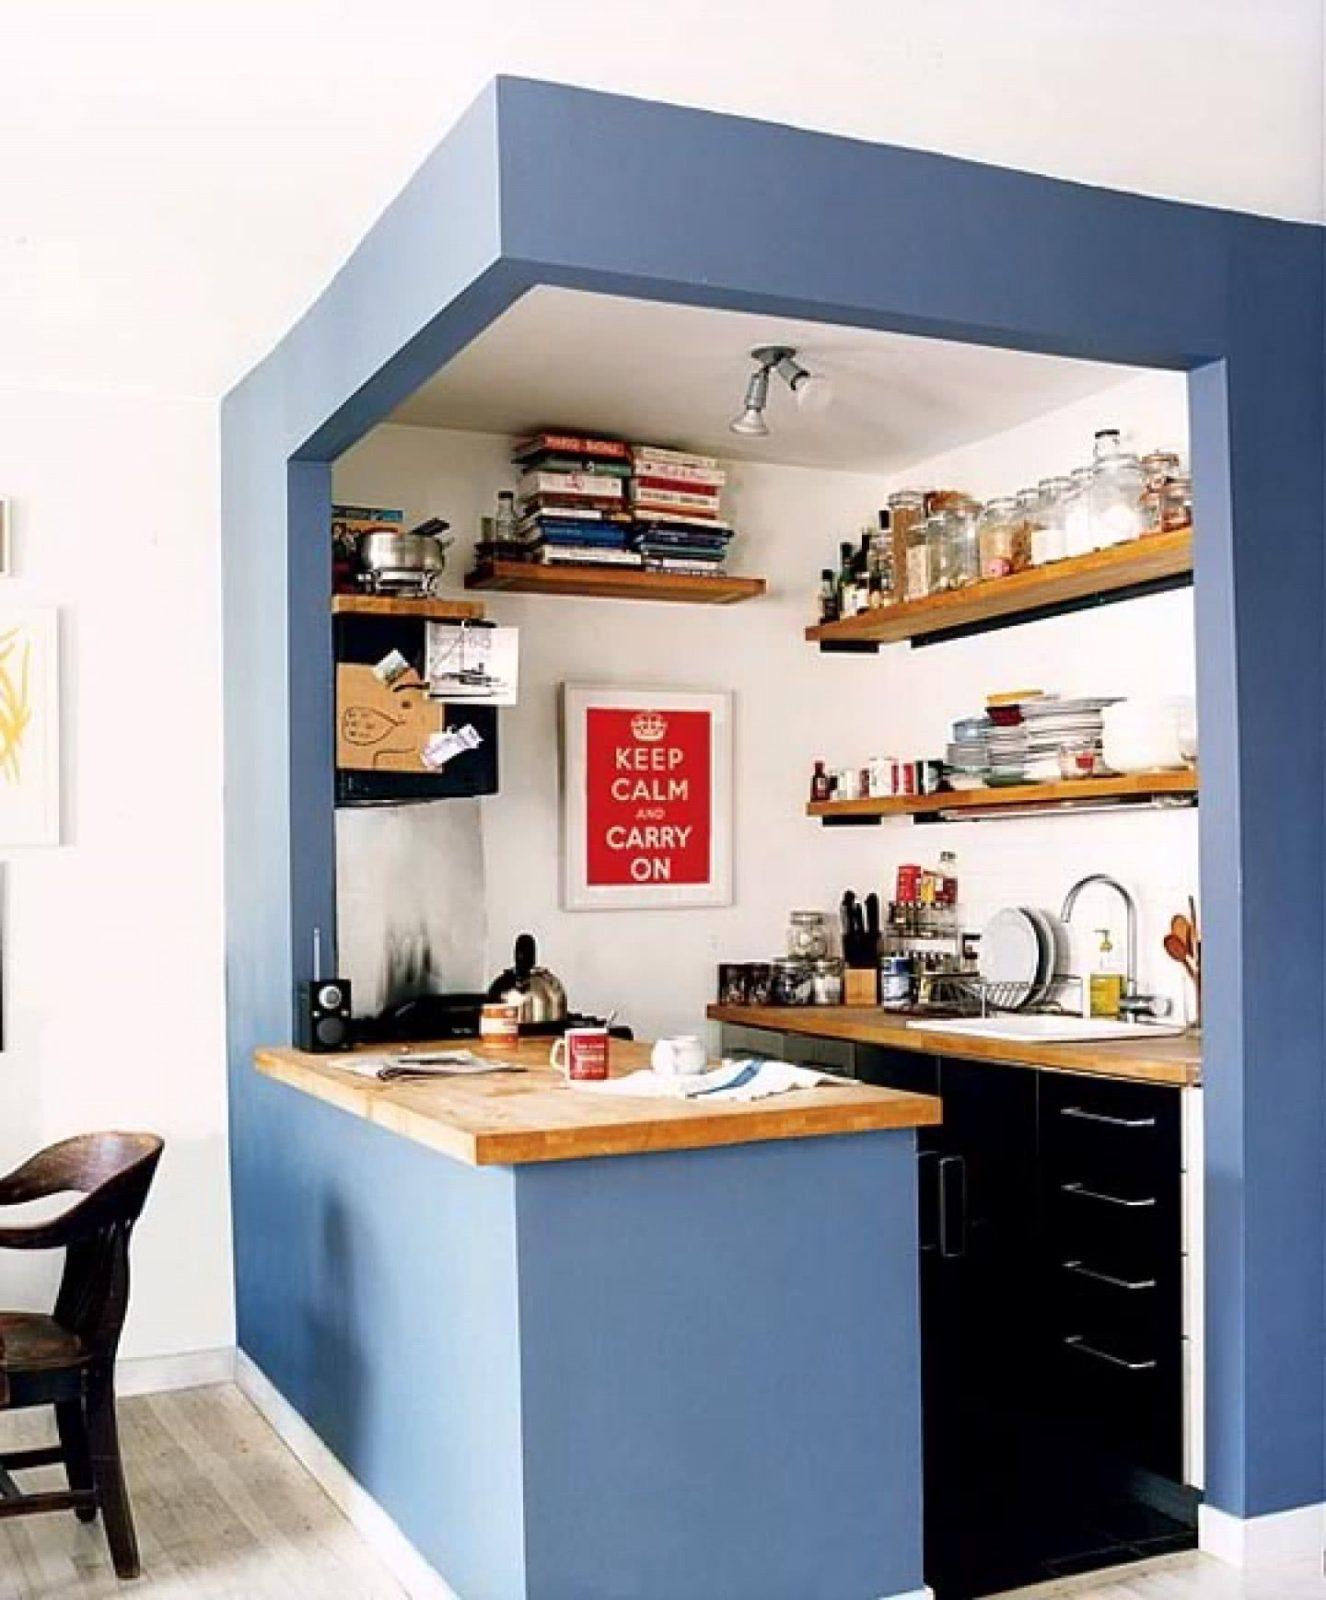 image26-3 | 30 американских кухонь, которые вас вдохновят